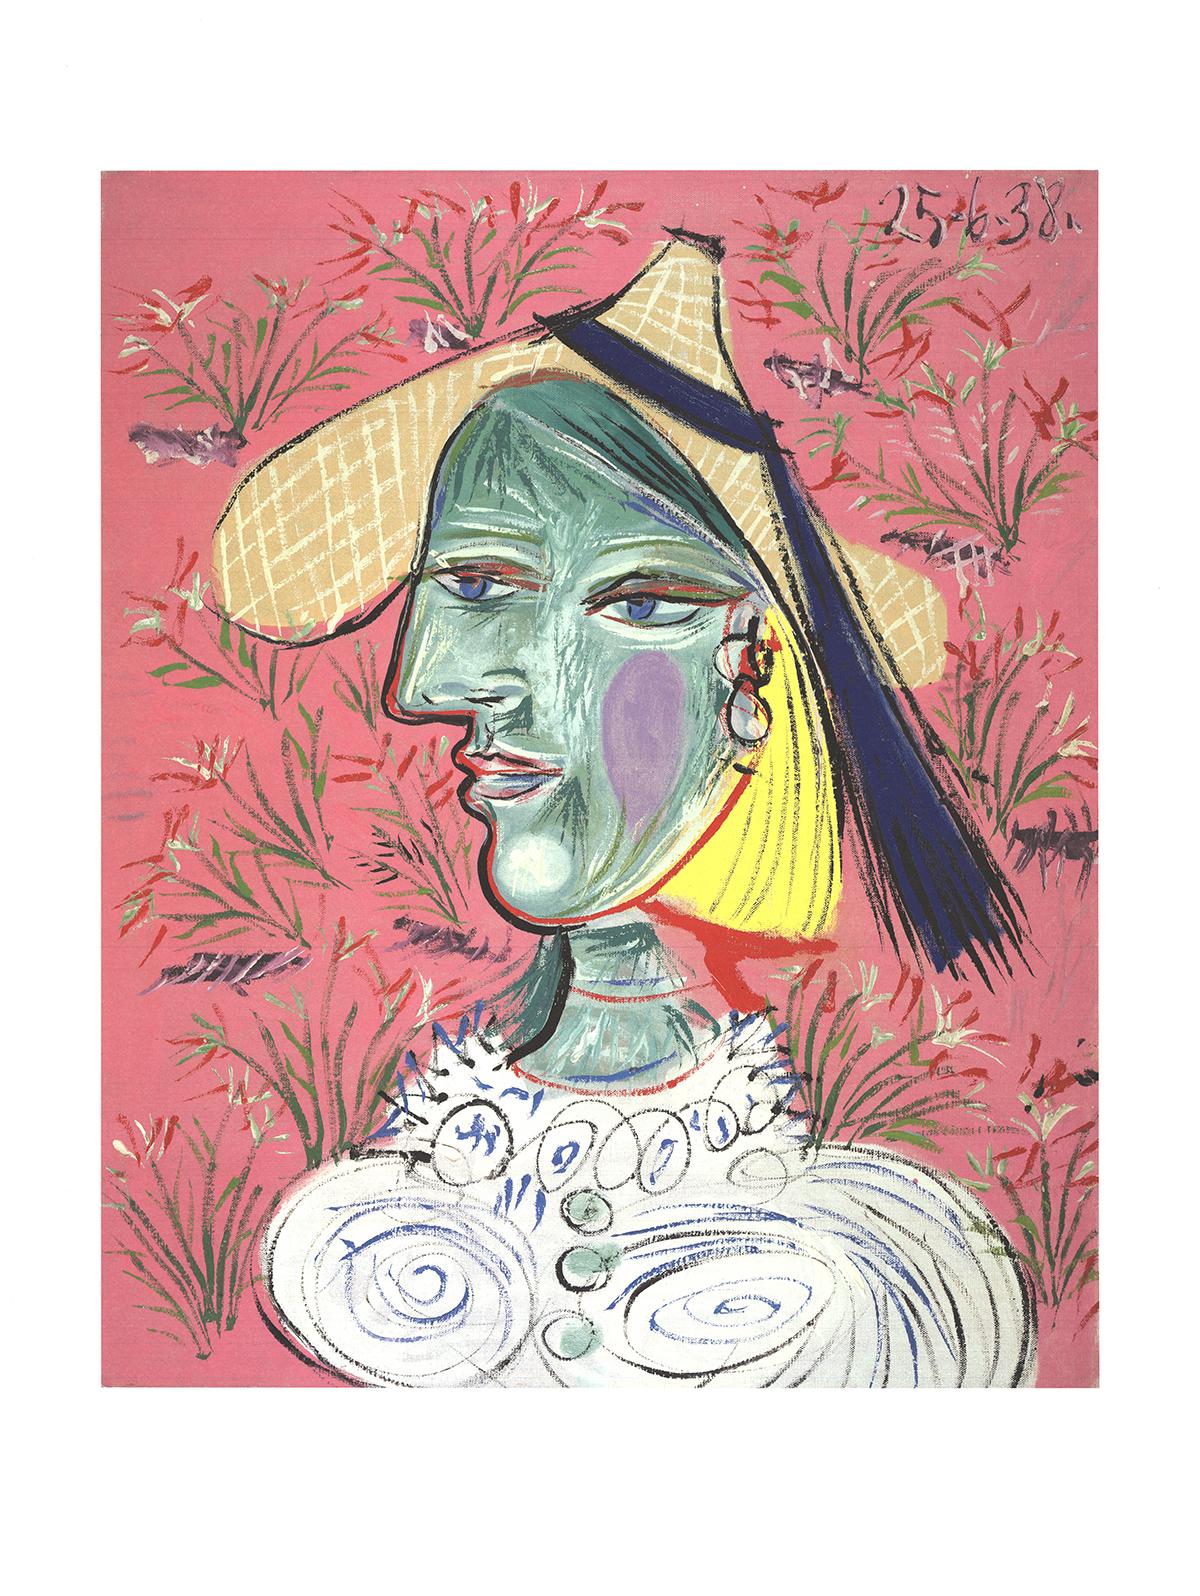 Pablo Picasso-Femme au Chapeau de Paille Sur Fond Fleuri-1989 Poster Picasso, Pablo As New